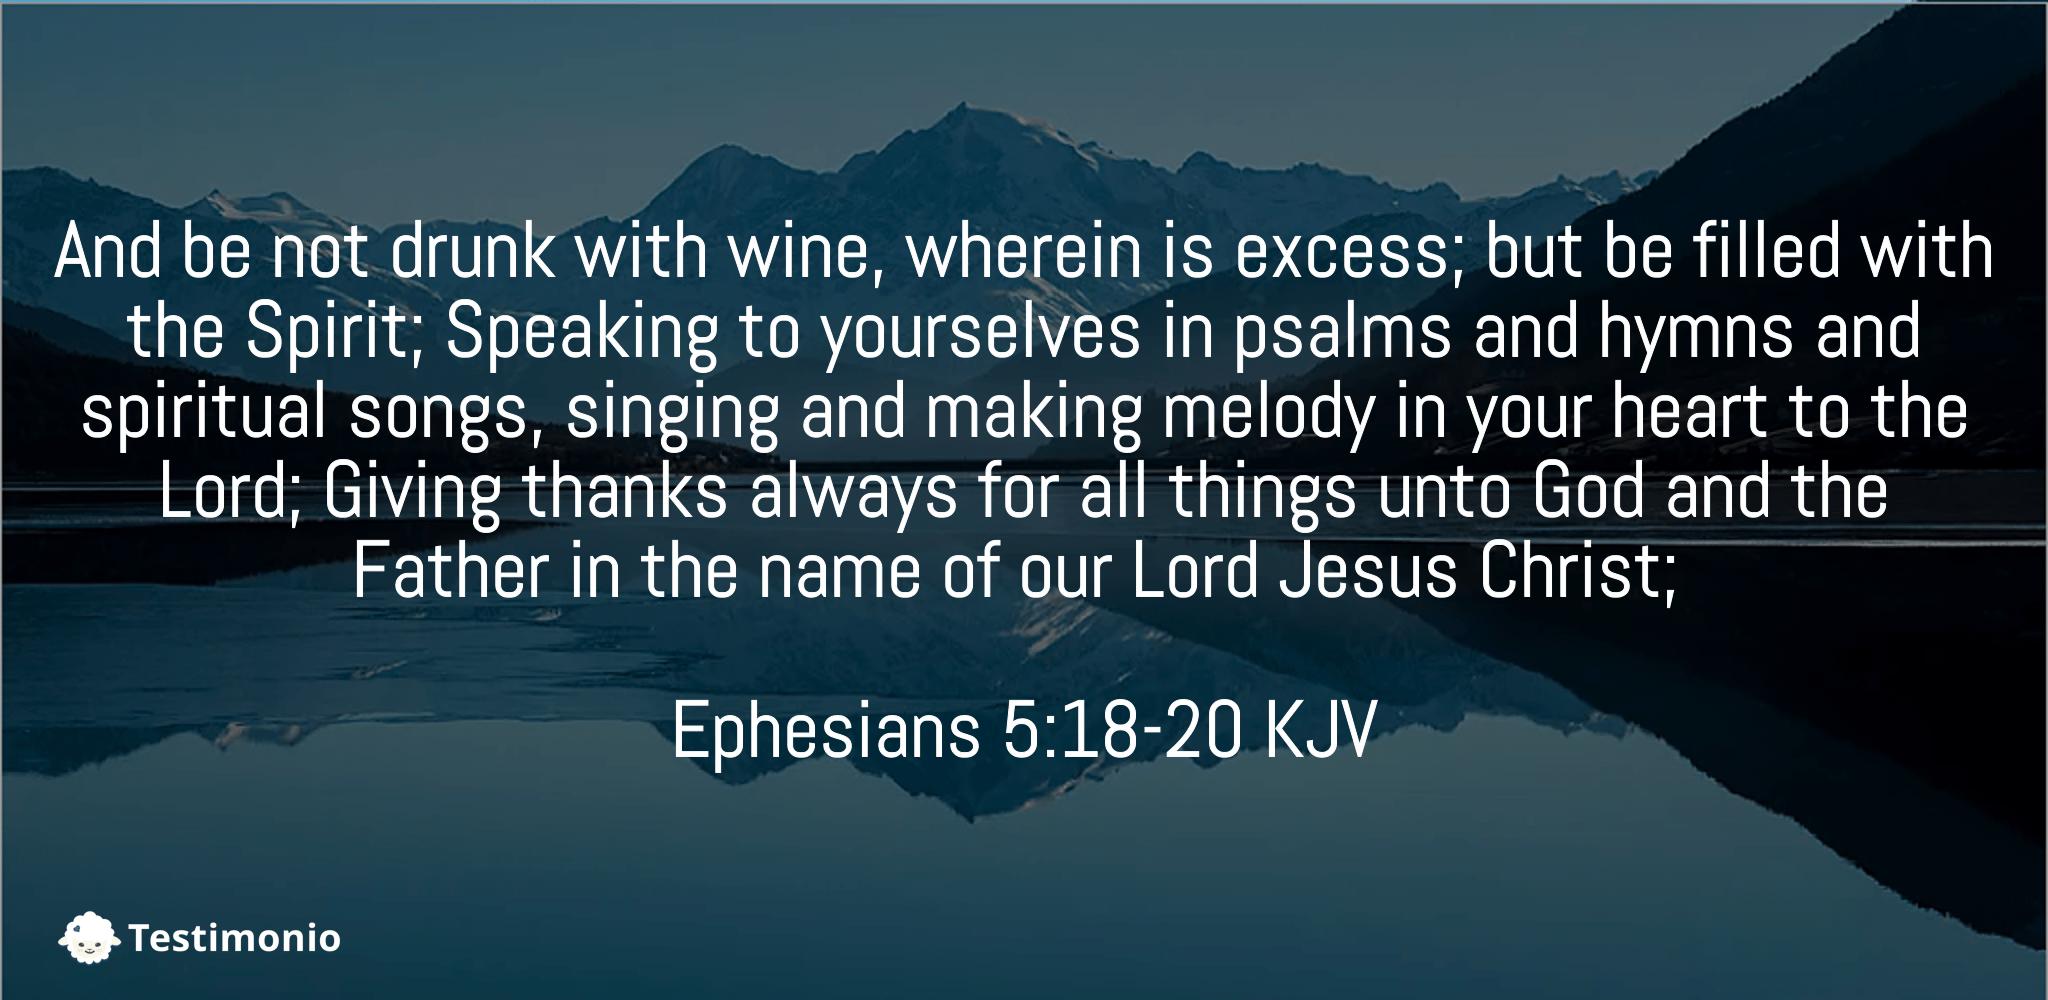 Ephesians 5:18-20